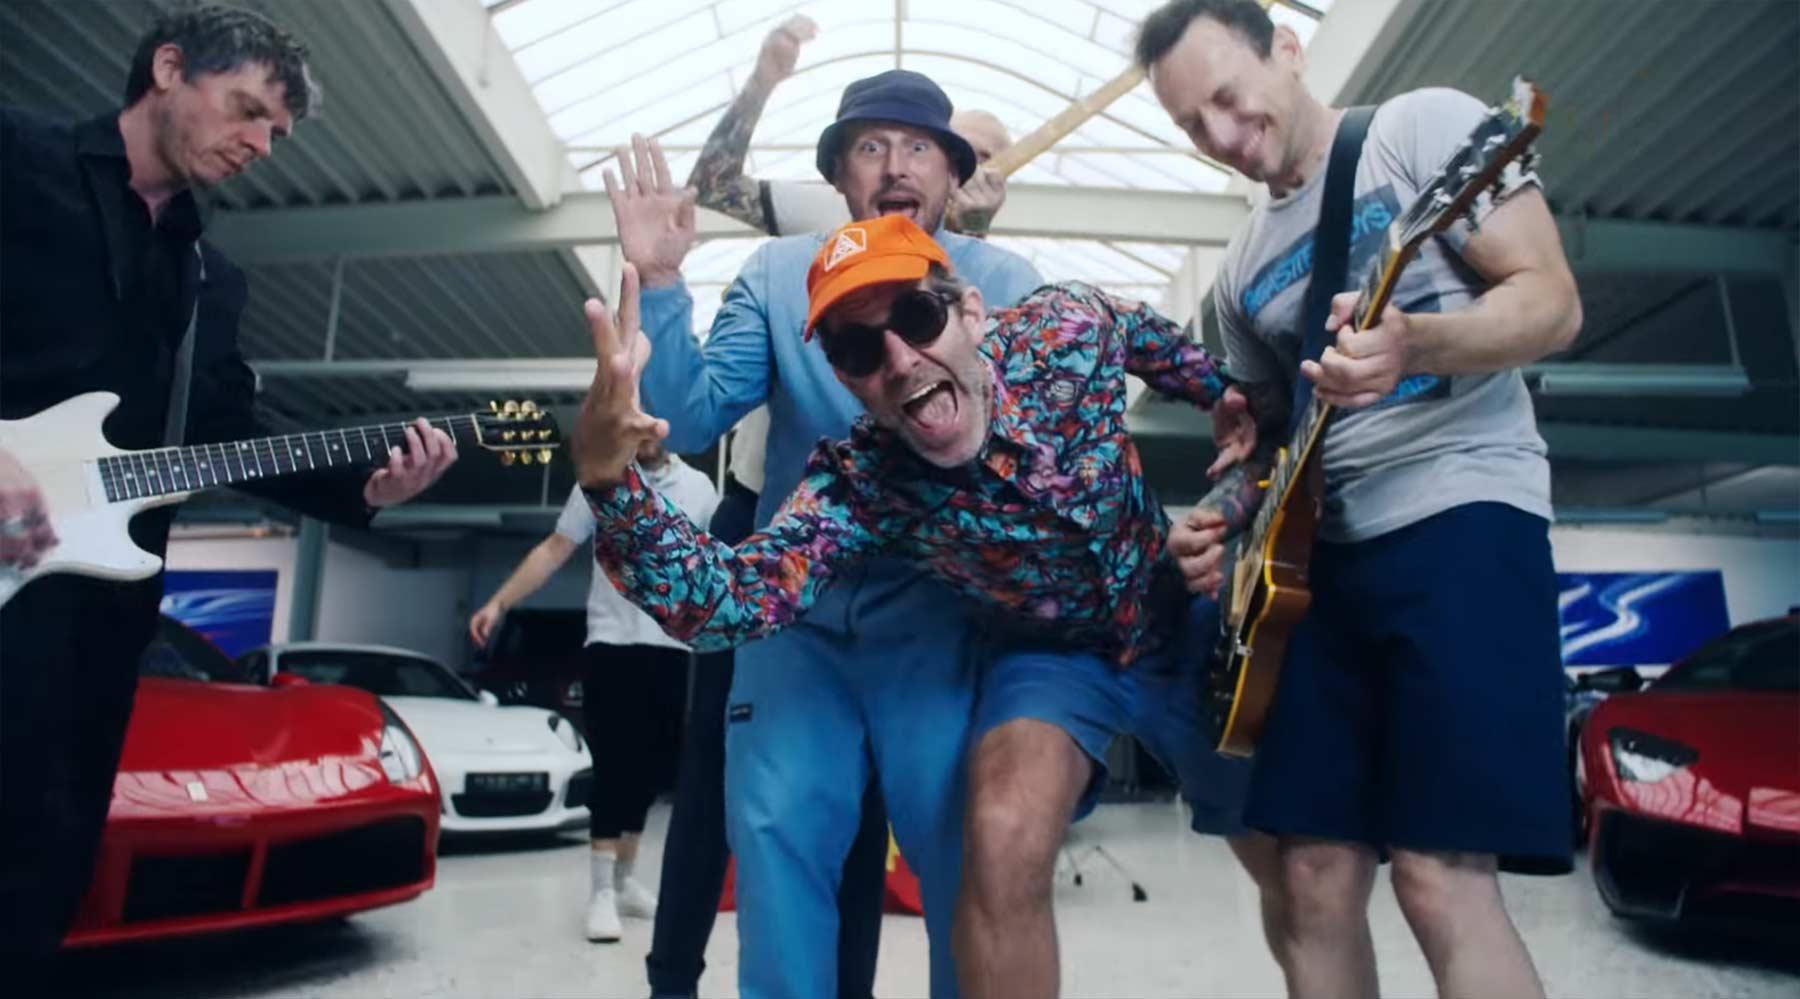 Beatsteaks feat. Deichkind - L auf der Stirn beatsteaks-ft-deichkind-l-auf-der-stirn